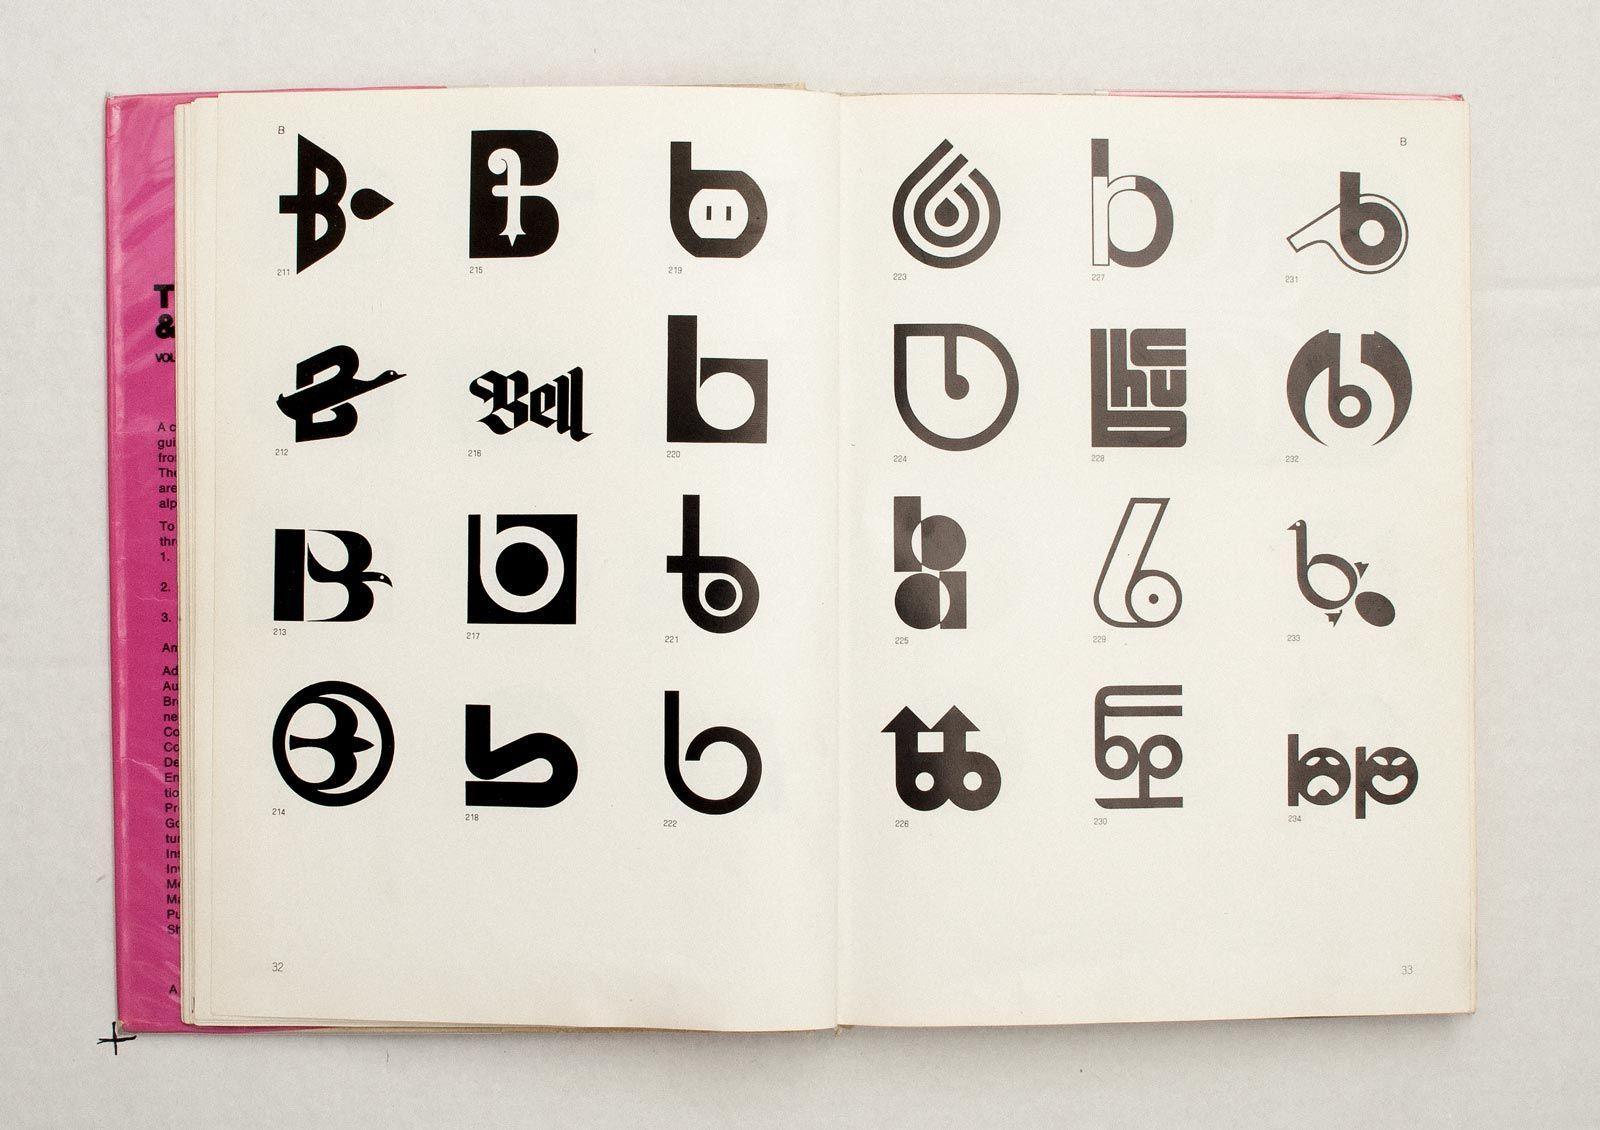 Trade marks symbols yasaburo kuwayama whole book images design trade marks symbols yasaburo kuwayama whole book images biocorpaavc Gallery